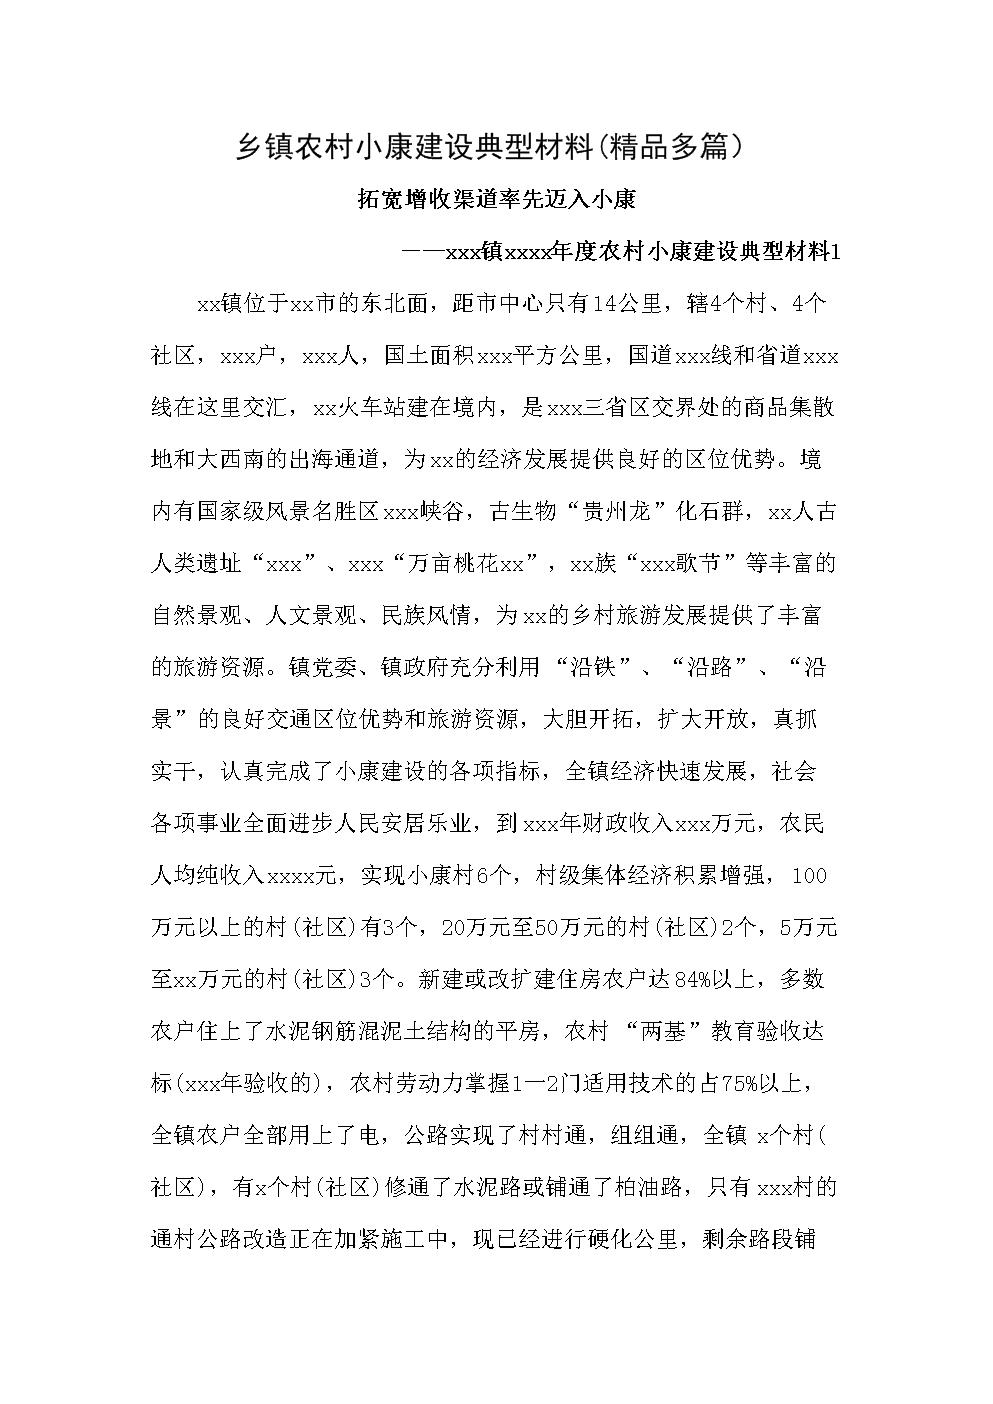 乡镇农村小康建设典型材料(精品多篇).doc